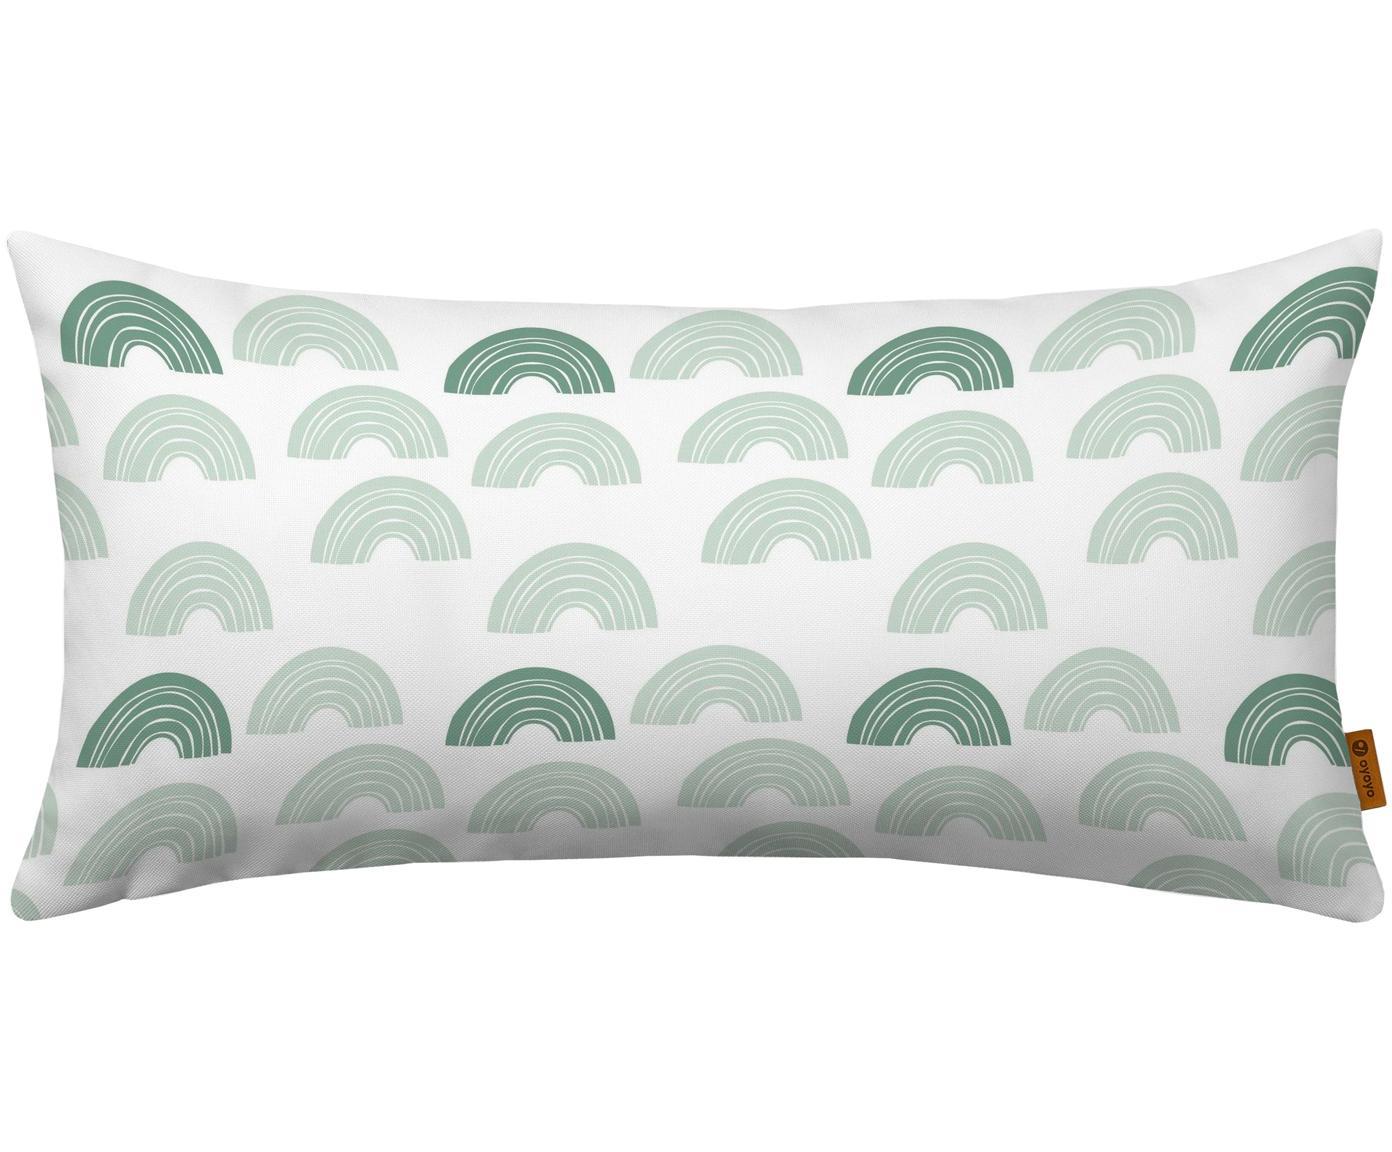 Kissen Regenbogenträume aus Bio-Baumwolle, mit Inlett, Bezug: Baumwolle, Weiß, Mintgrün, Grün, 30 x 60 cm